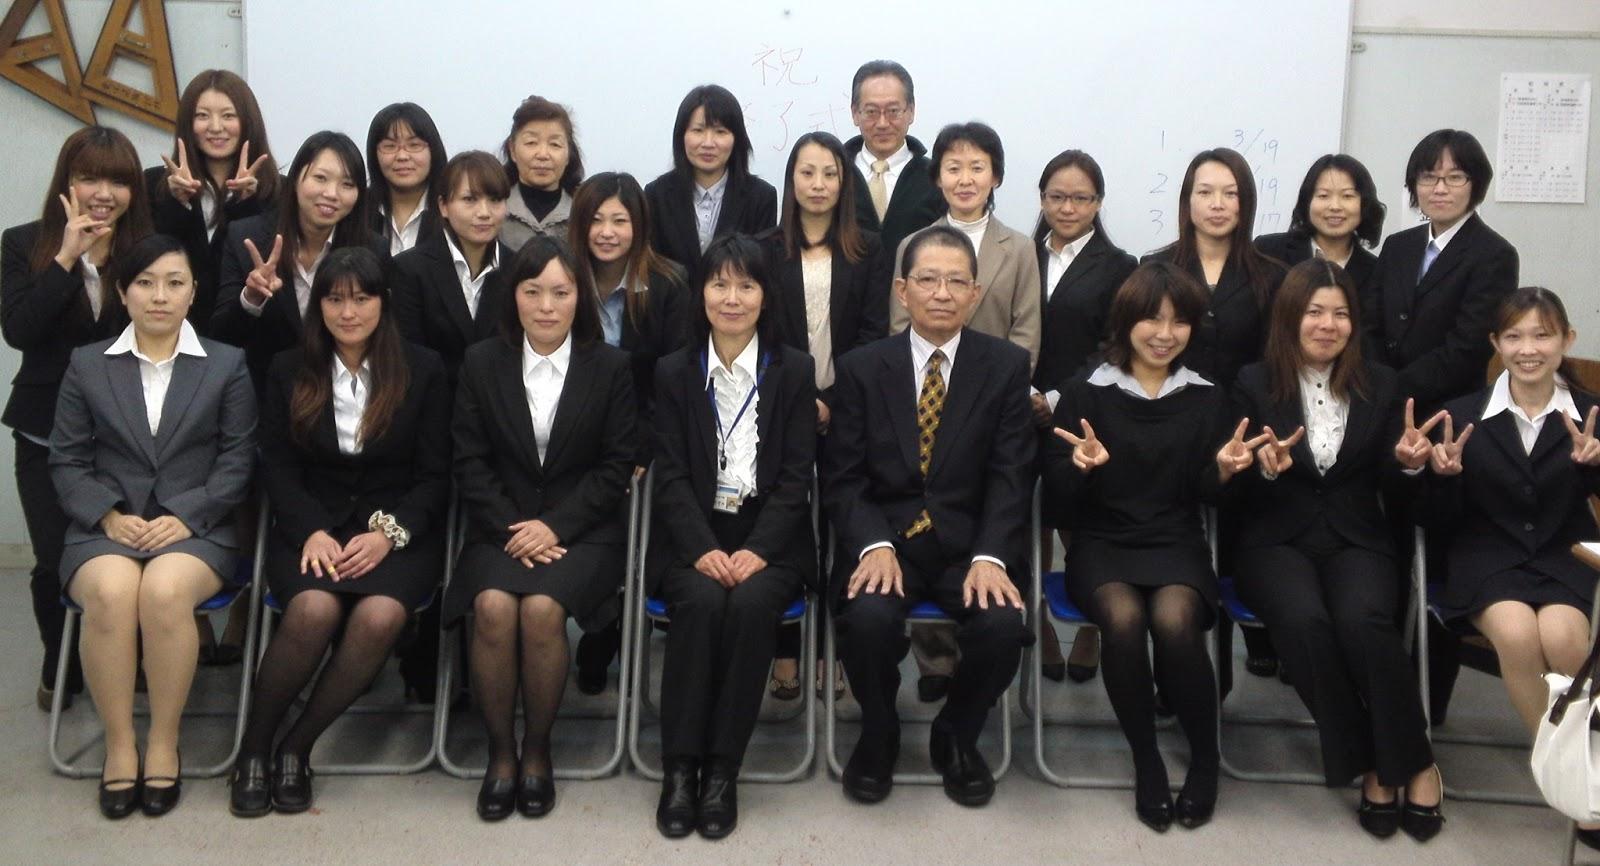 職業訓練校に興味があります。 大学を既卒です。 …